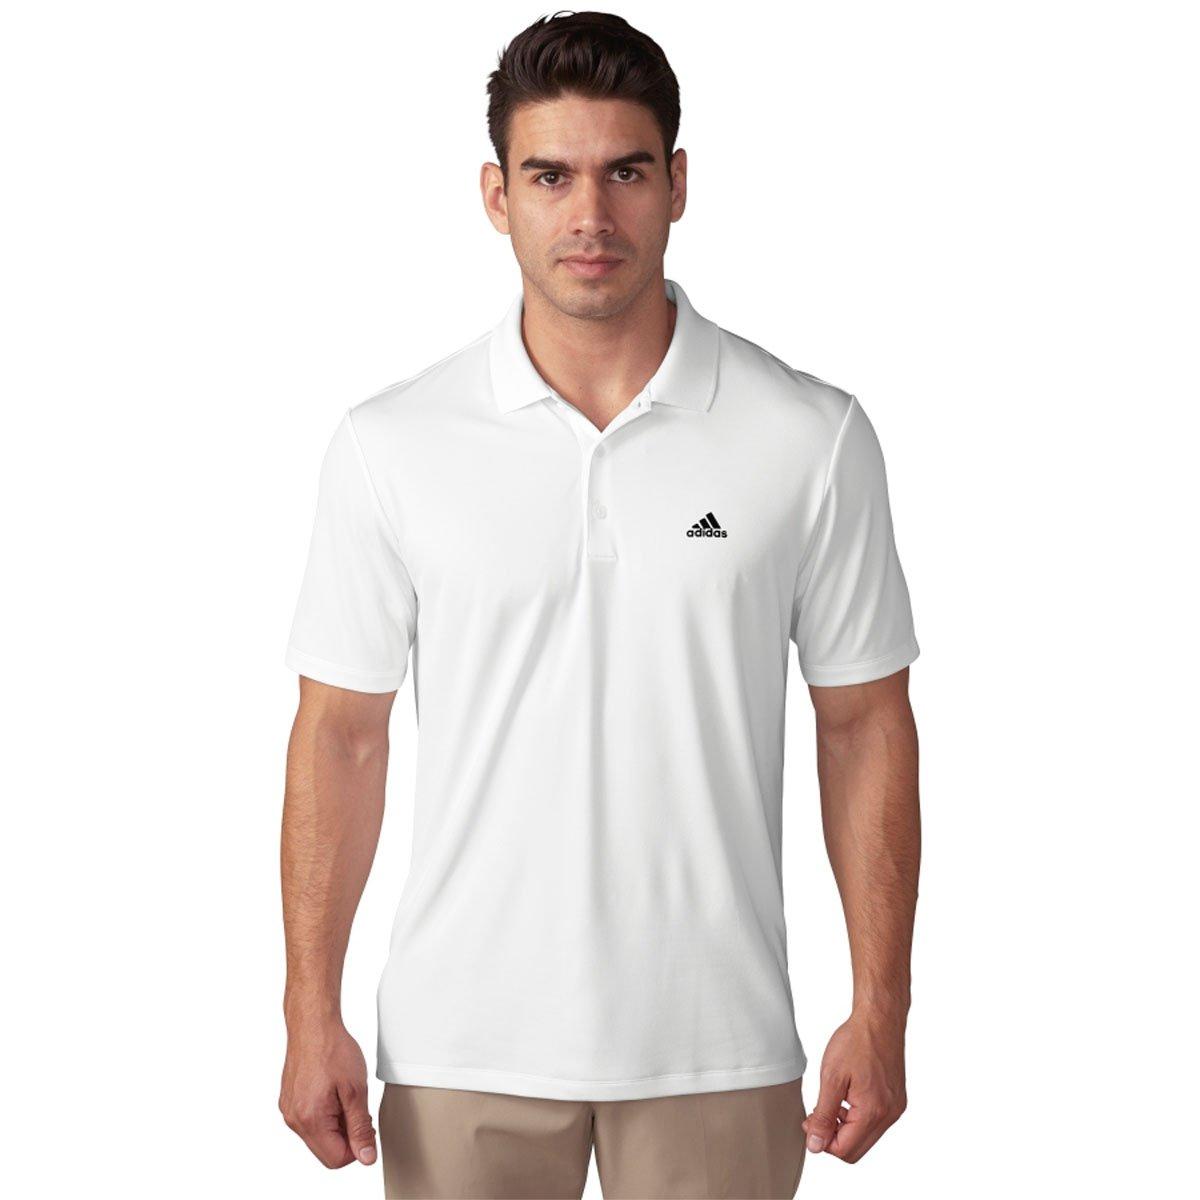 adidas Golf Playera Polo de Rendimiento para Hombre: Amazon.es ...